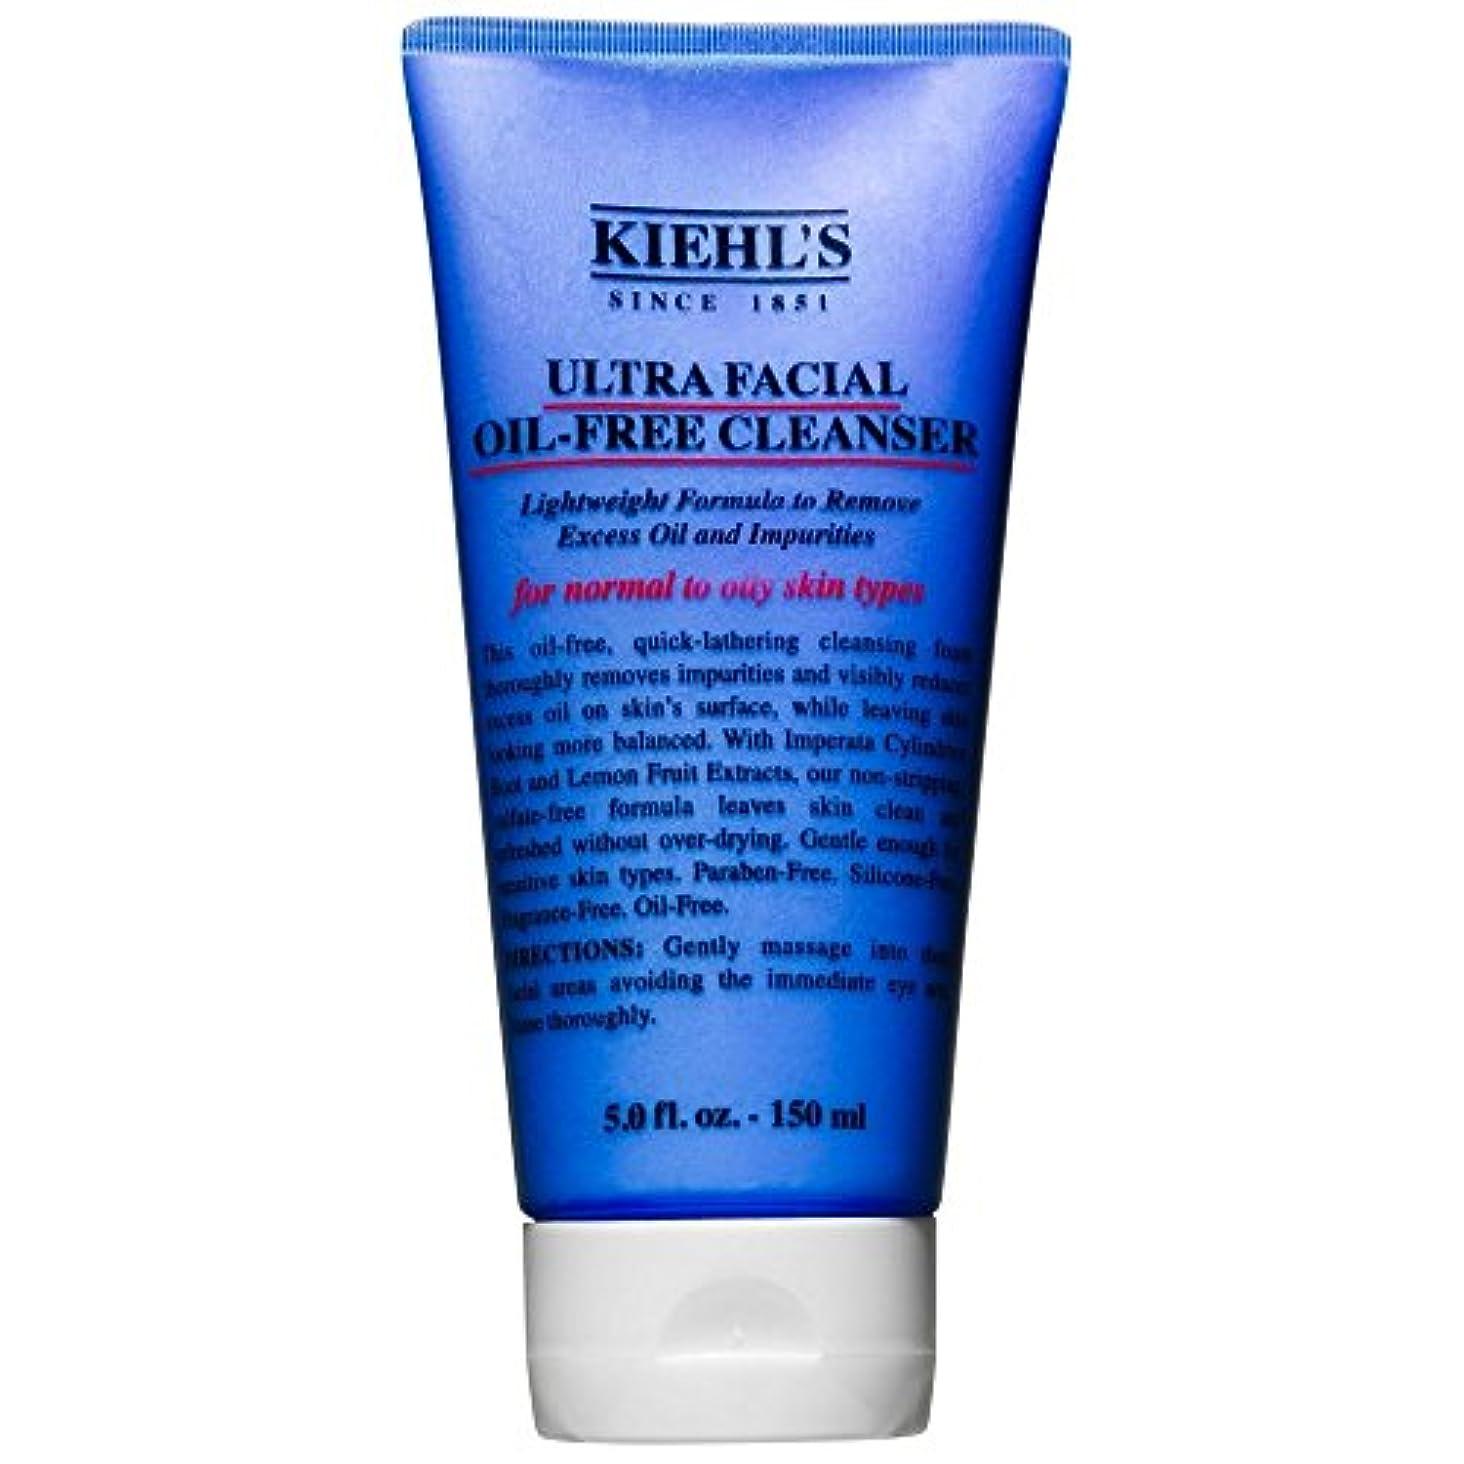 お互い委員長やめる[Kiehl's] キールズウルトラフェイシャルオイルフリークレンザー、150ミリリットル - Kiehl's Ultra Facial Oil-Free Cleanser, 150ml [並行輸入品]